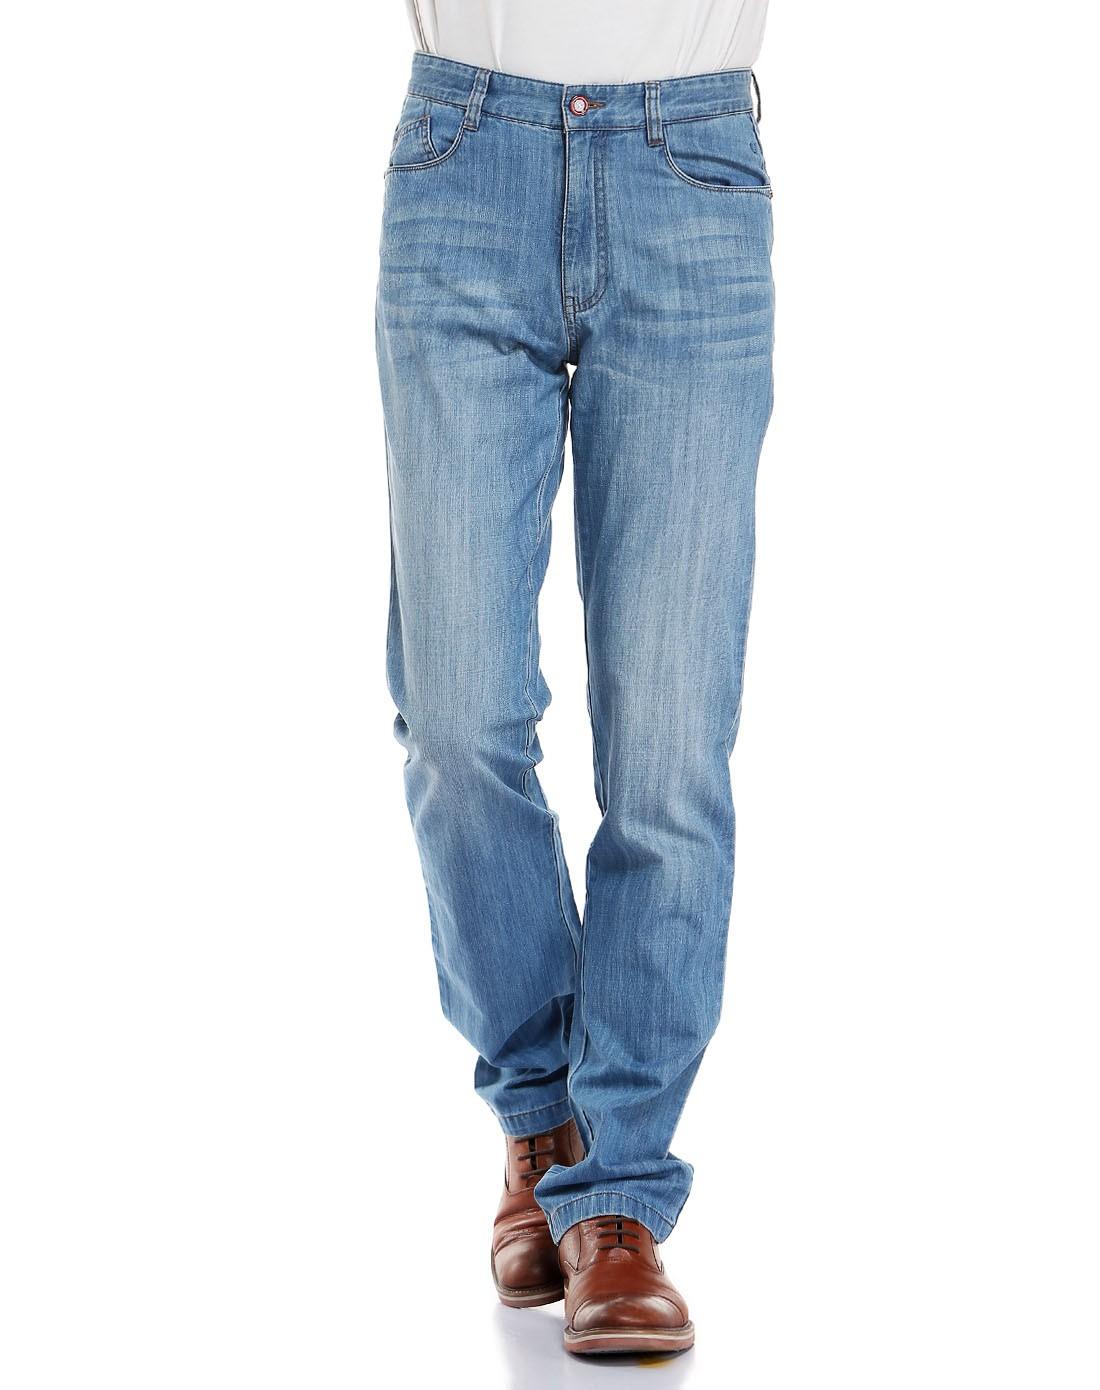 男浅蓝色牛仔裤